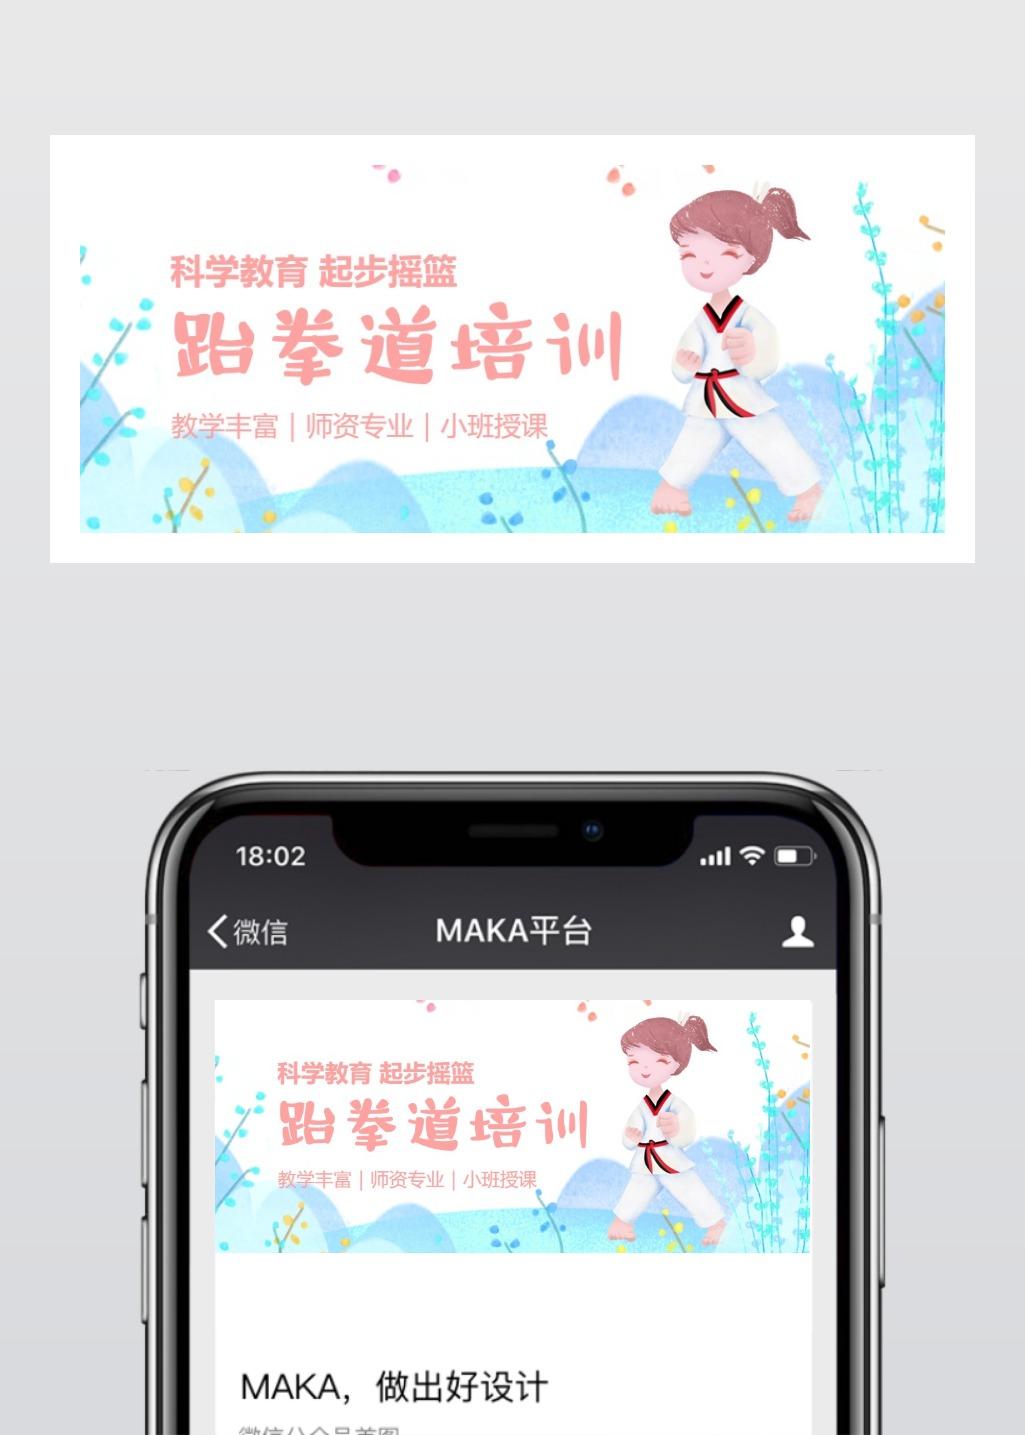 简约可爱跆拳道培训班招生宣传推广微信公众号首页大图